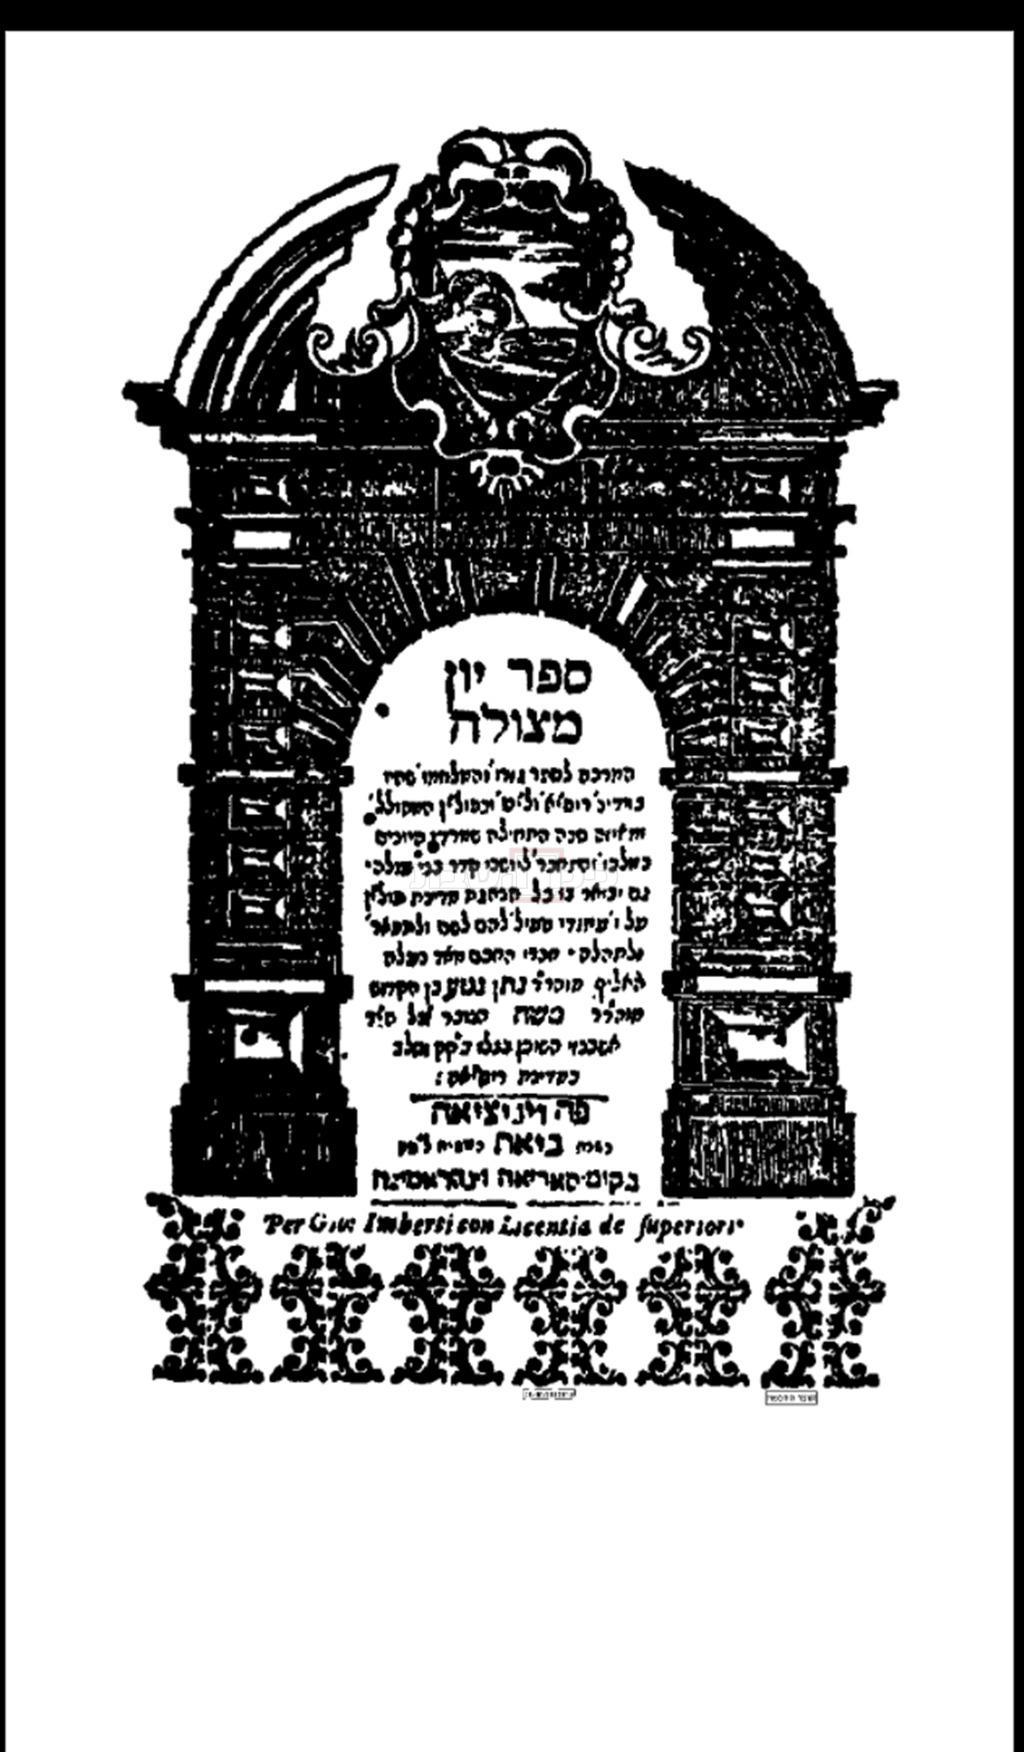 ספר יון מצולה מהדורת ווניציה שנת תי''ג (1653) (באדיבות אוצר החכמה)